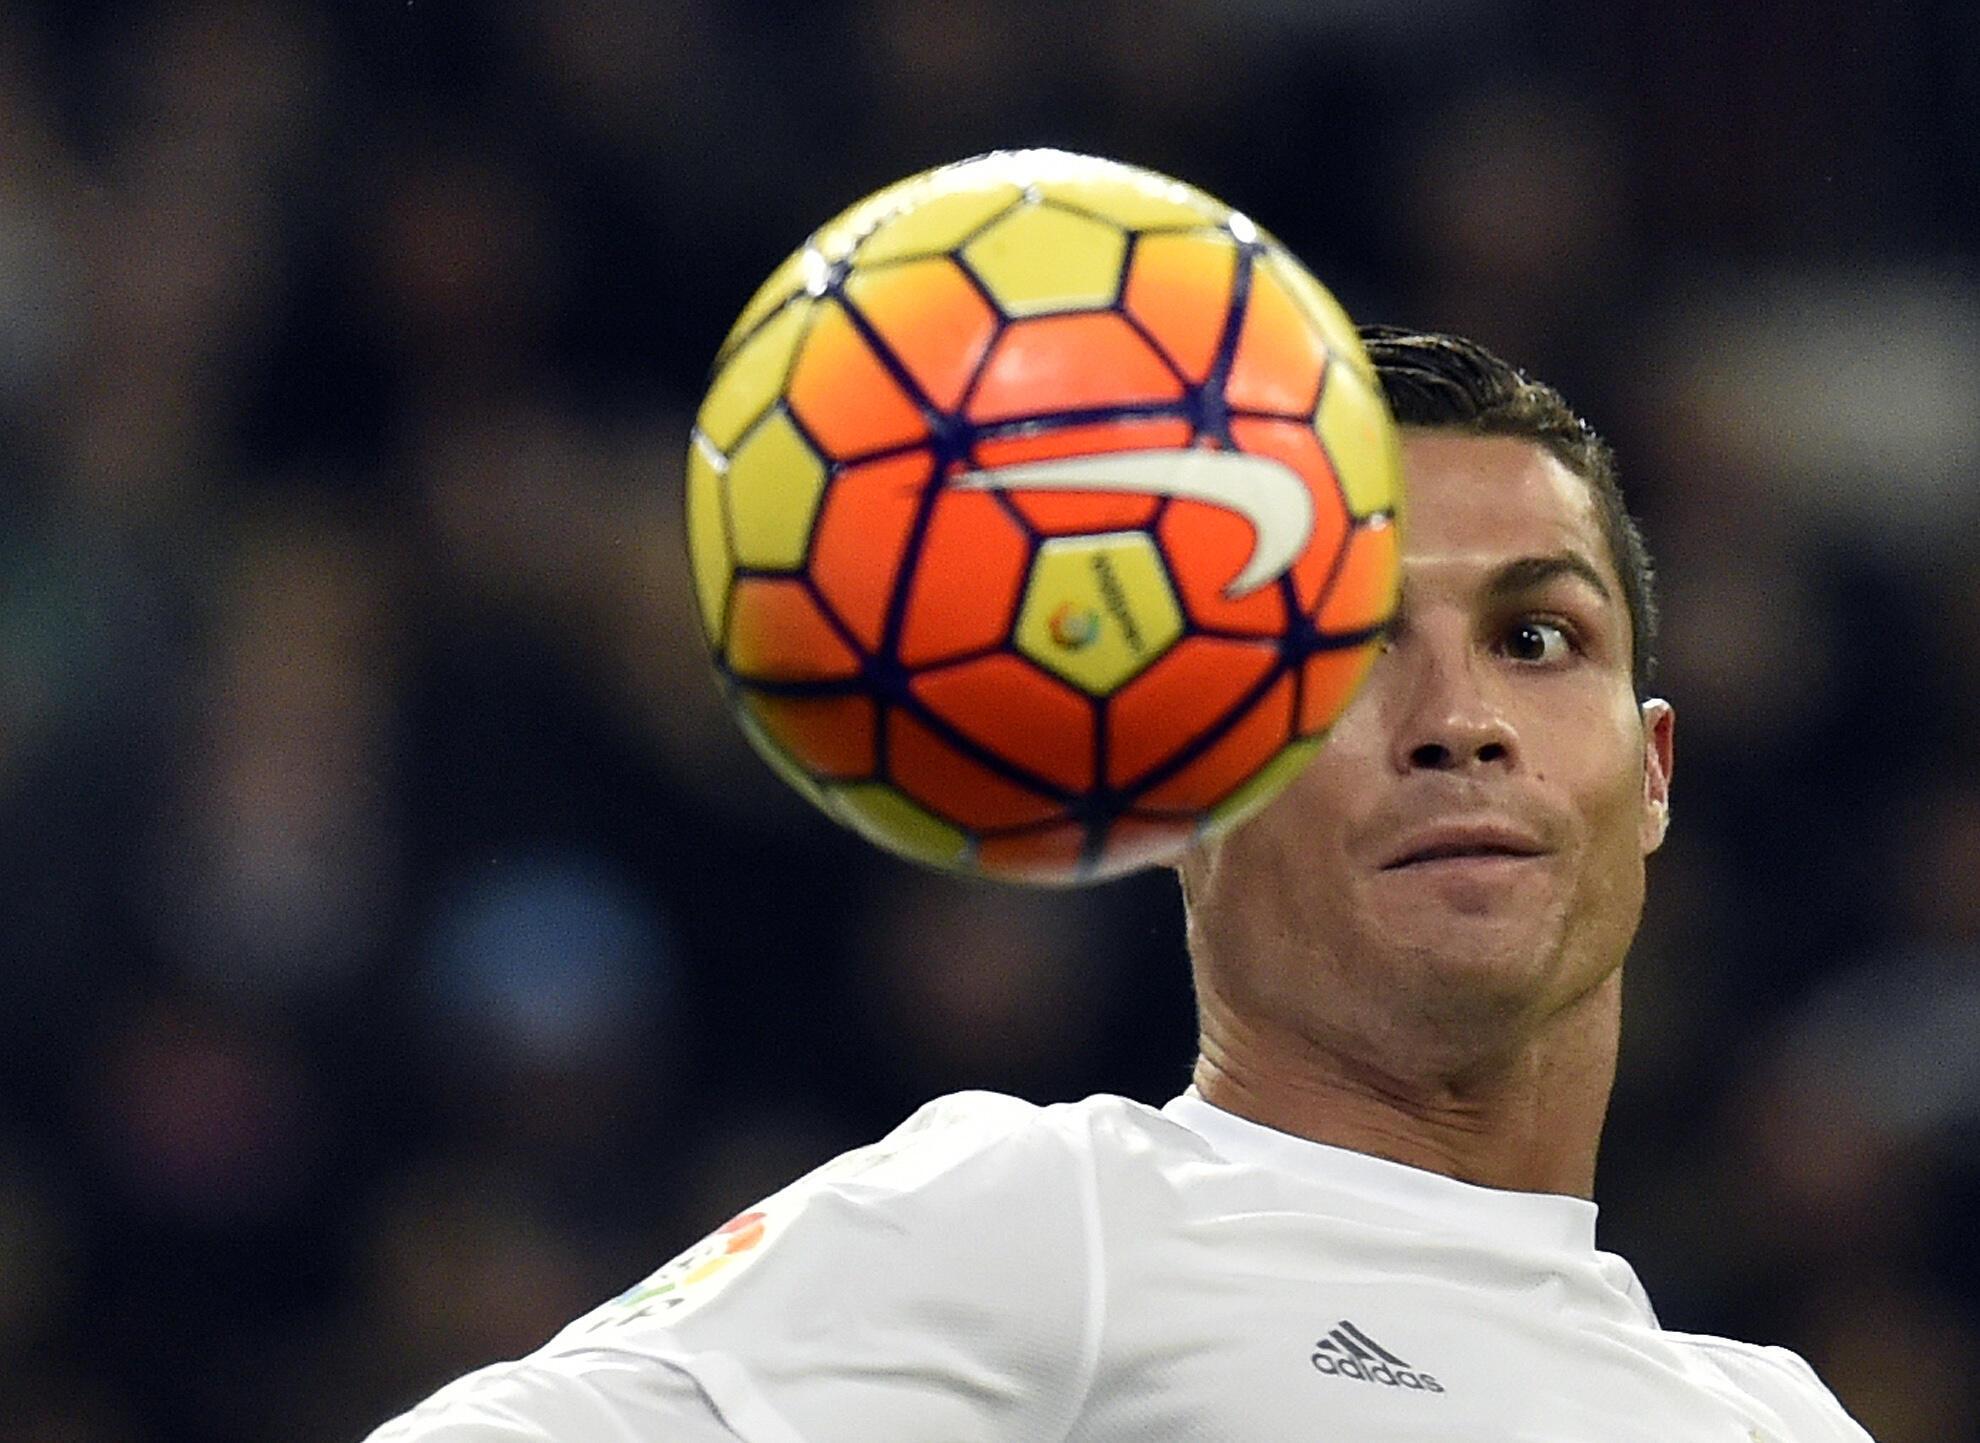 Cristiano Ronaldo disputa prêmio de melhor jogador do ano com Neymar e Messi.